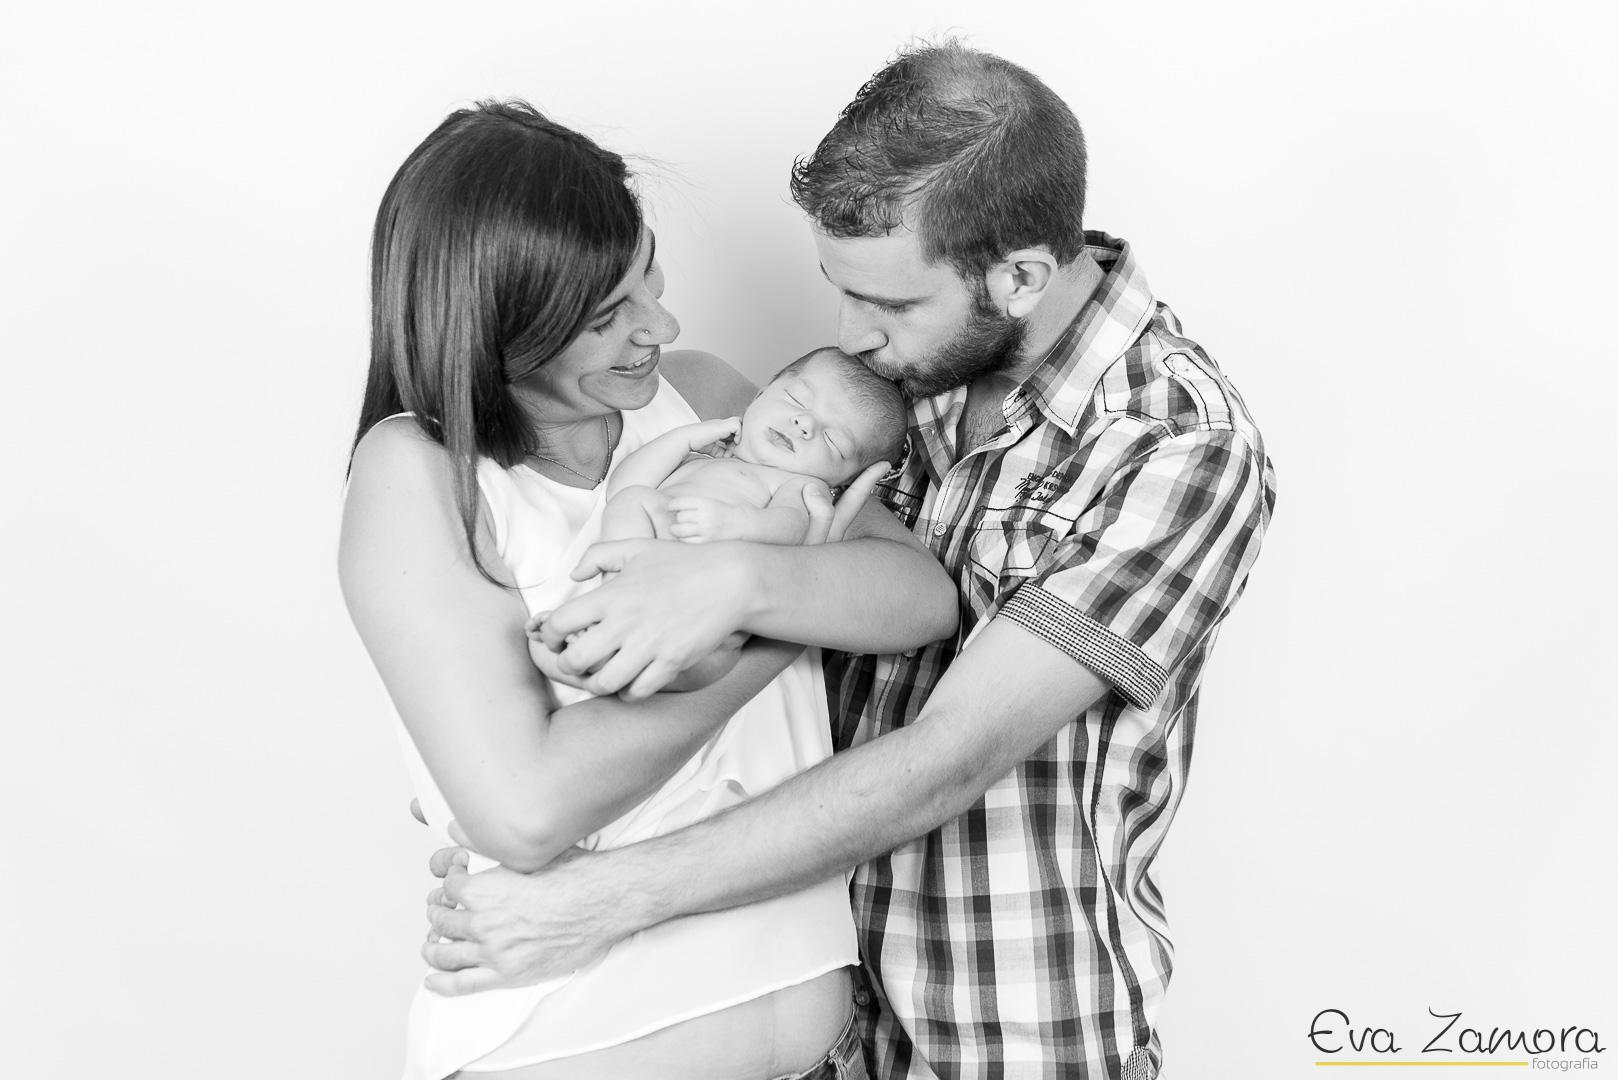 Sesión fotográfica de recién nacido